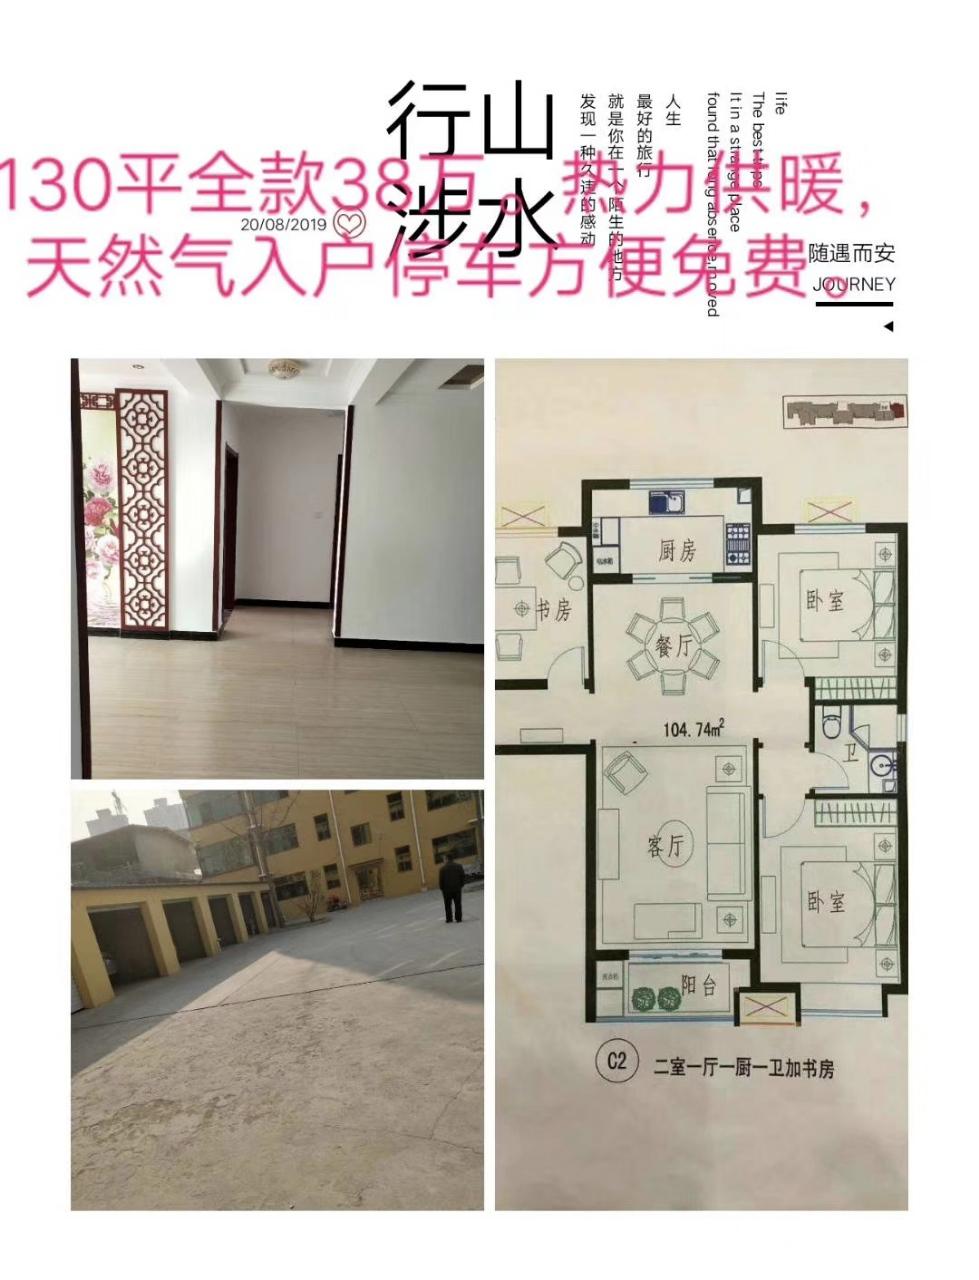 福星苑3室 2厅 1卫38万元